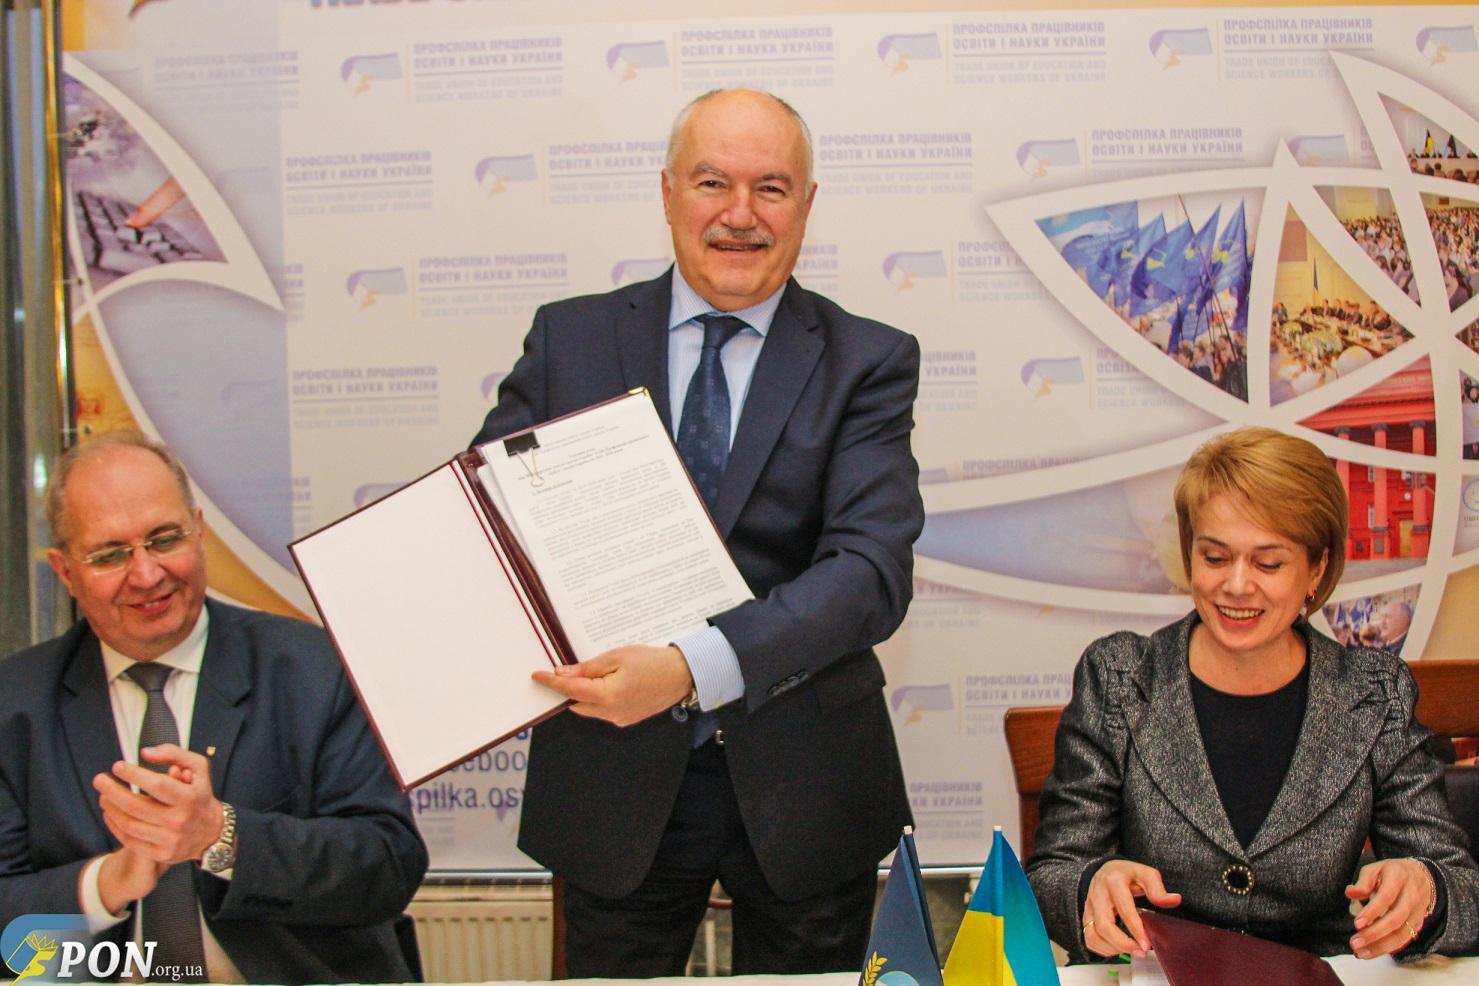 Quarantine in Kiev 2016: quarantine in schools extended